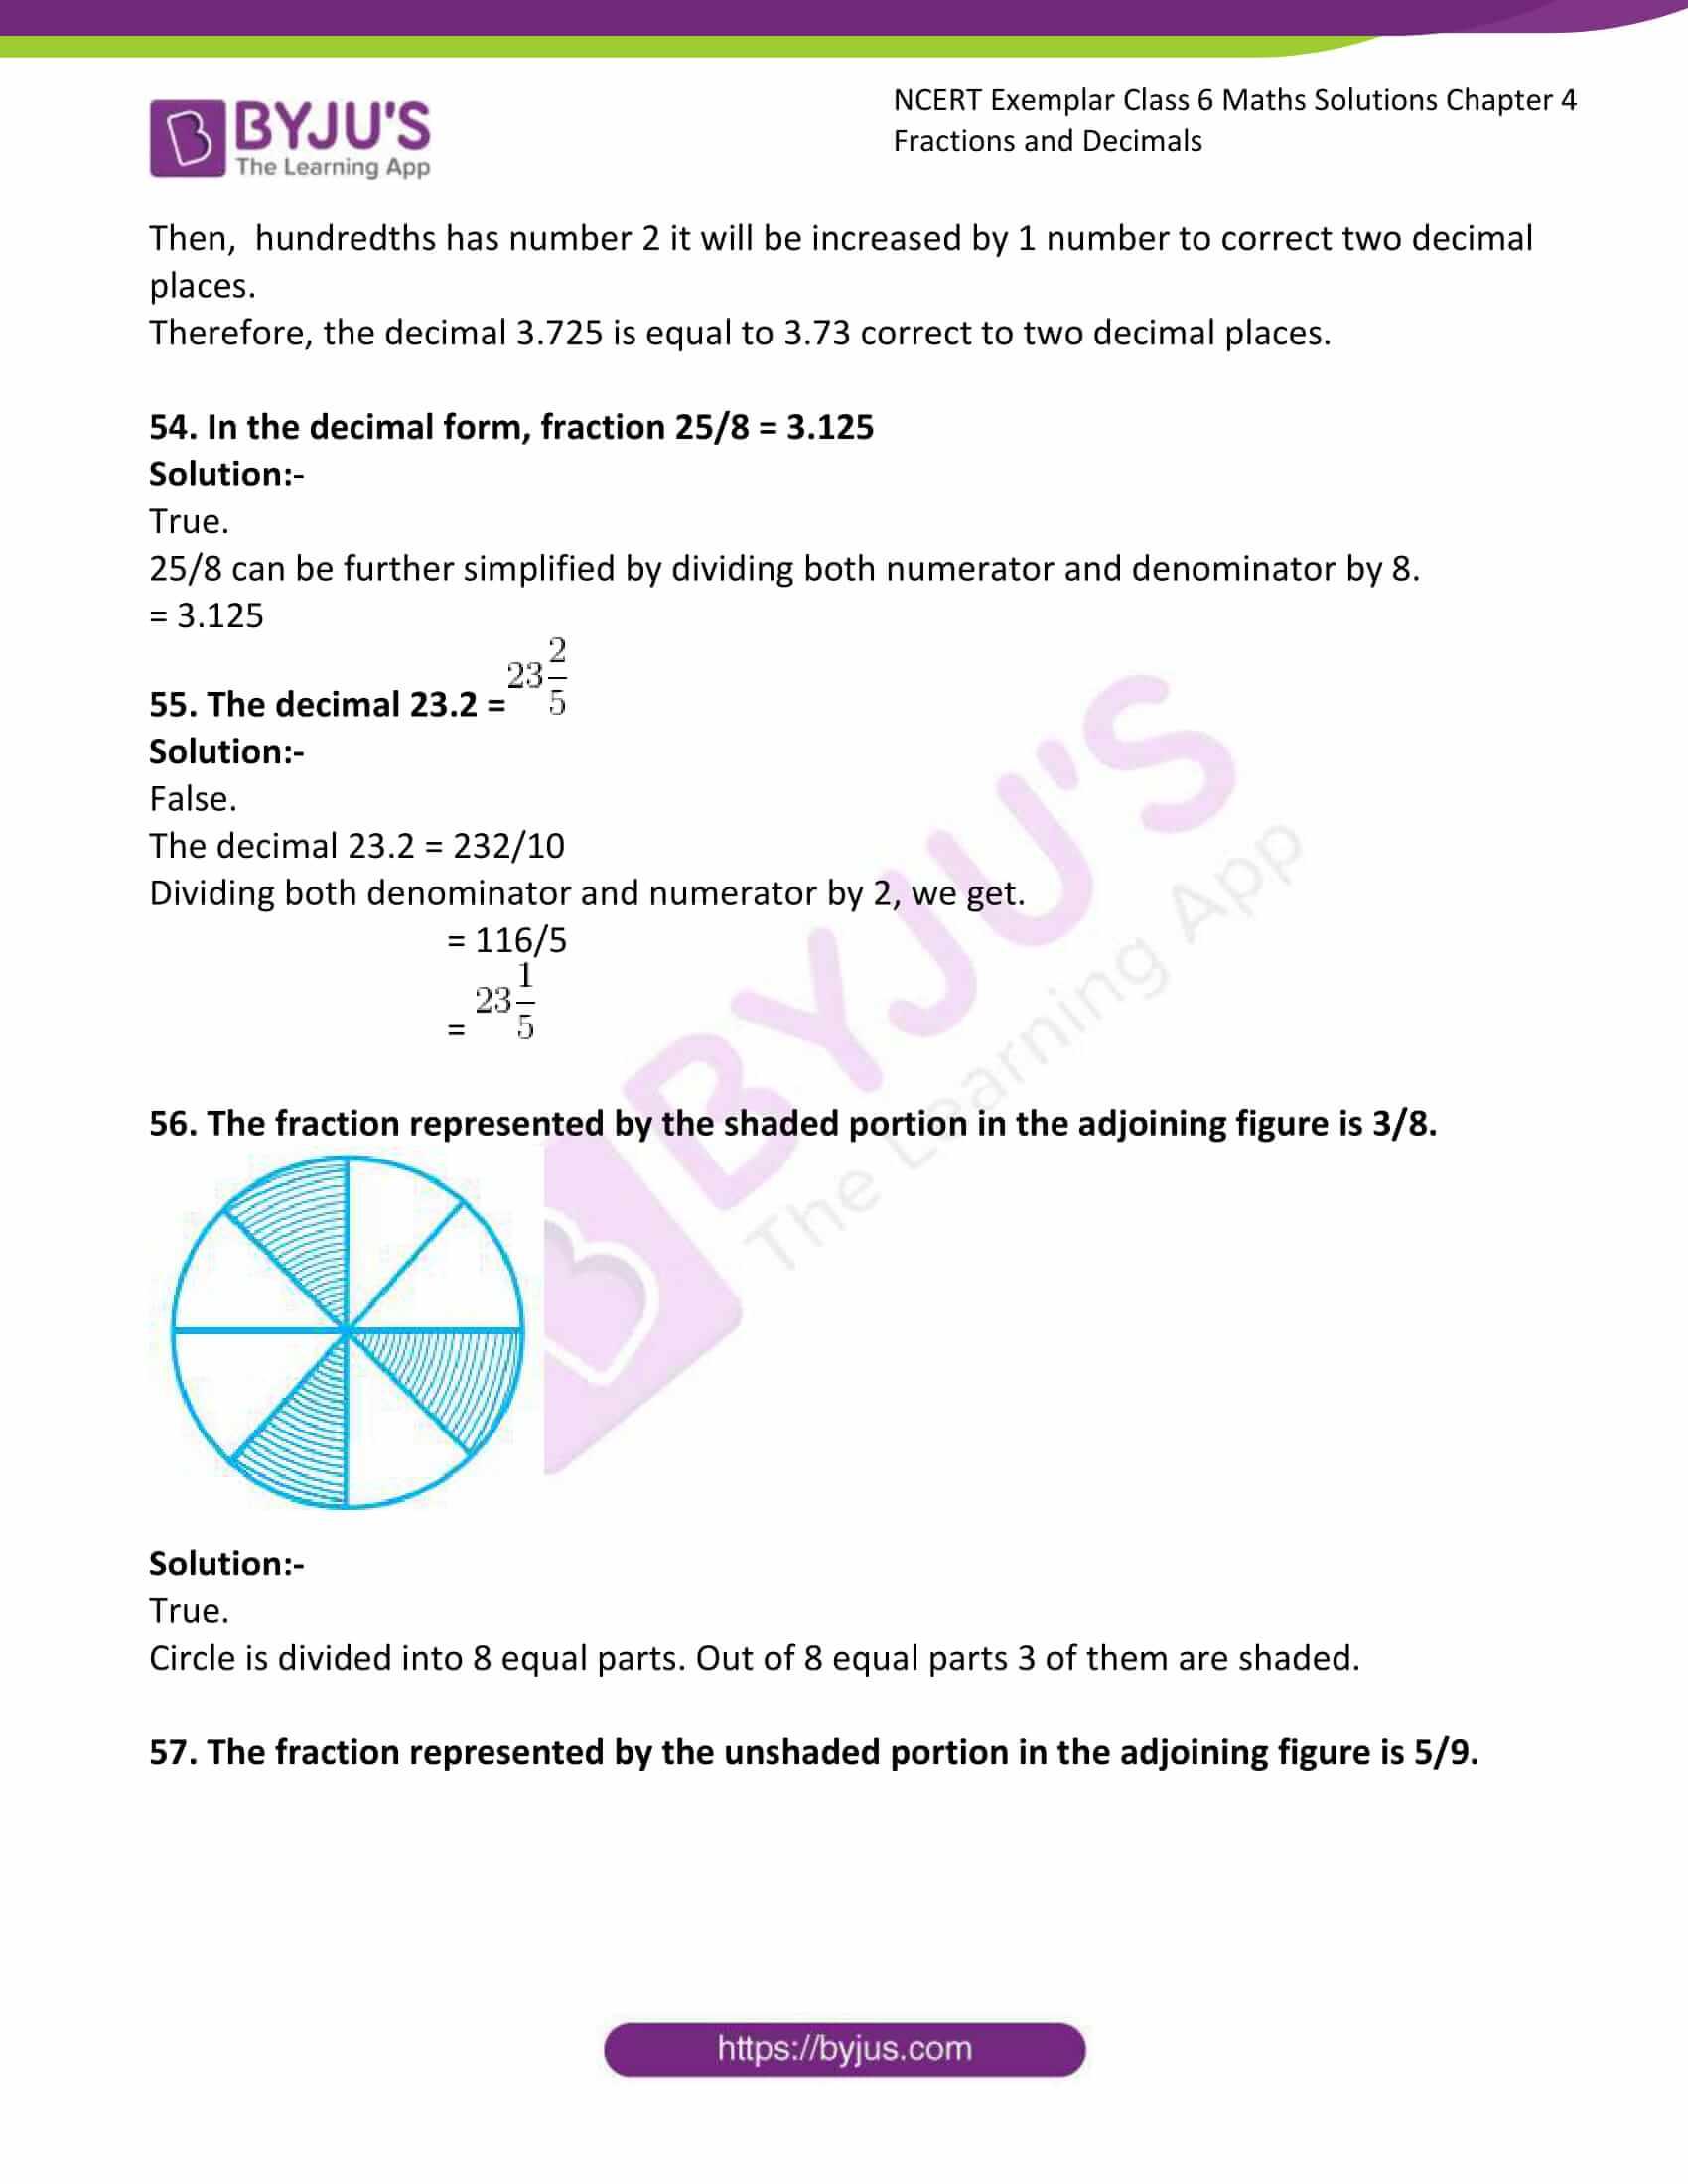 ncert exemplar class 6 maths sol ch 4 13